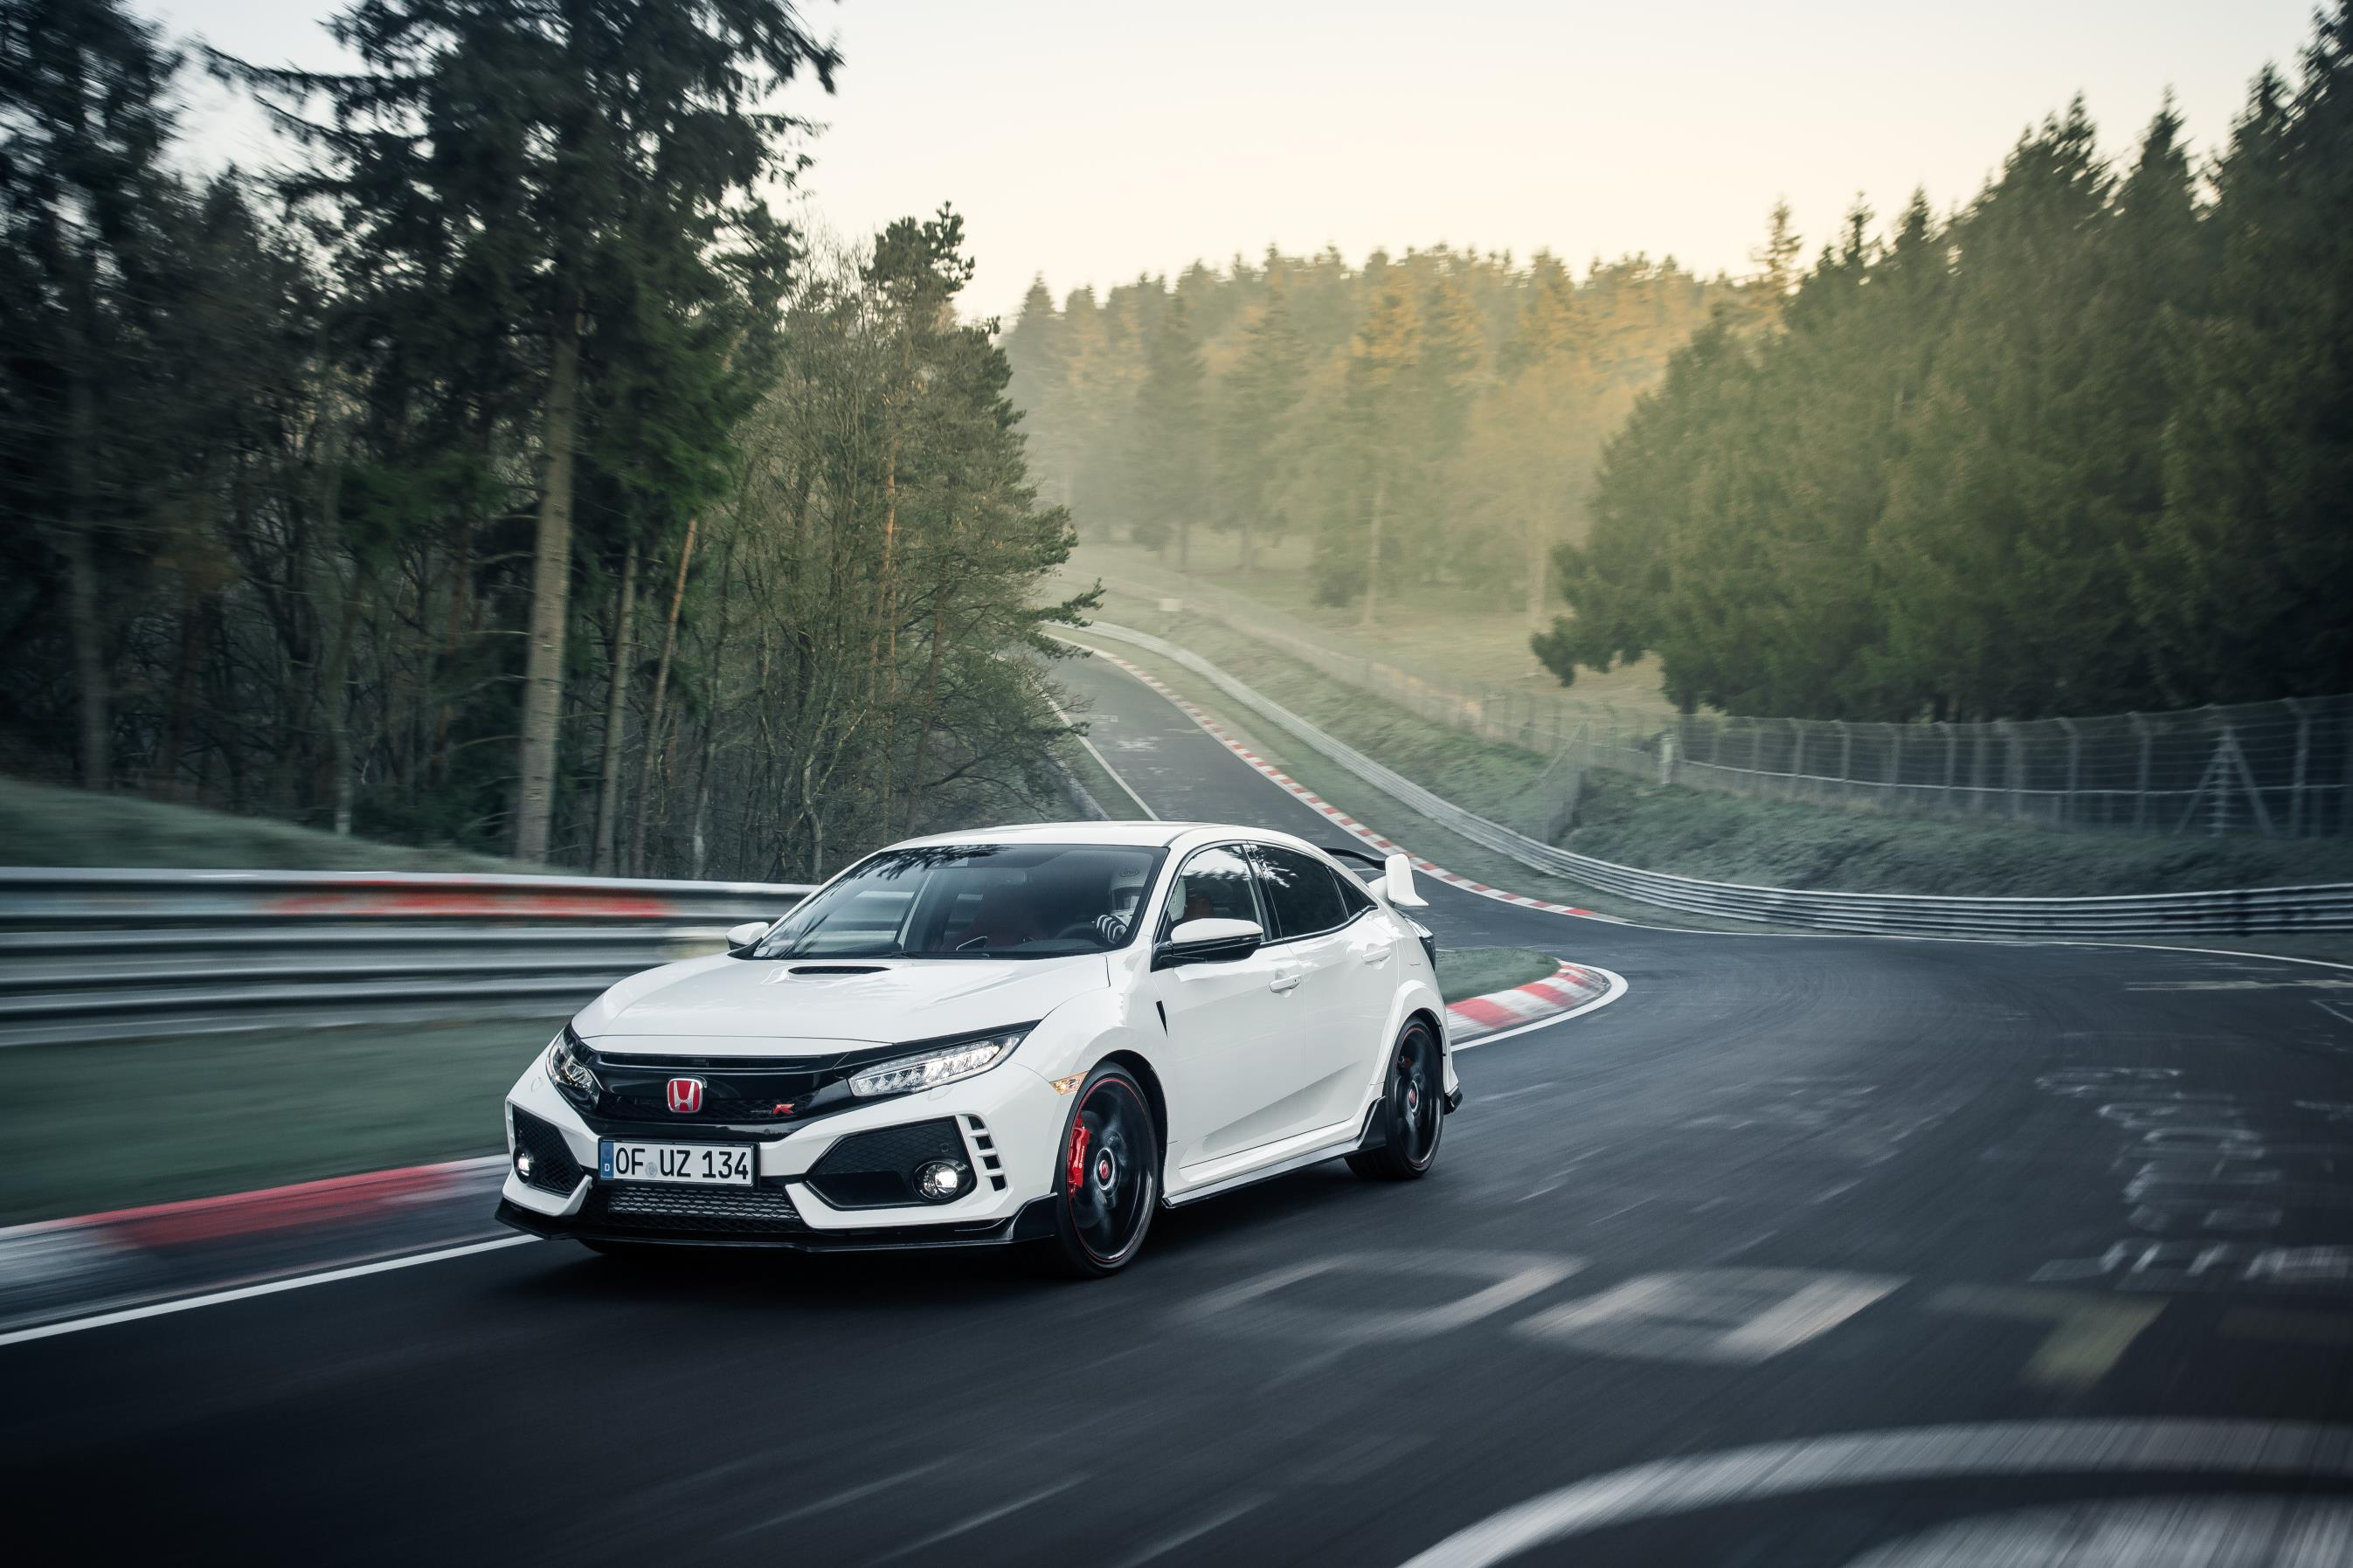 Honda Civic Type R Nurburgring - Autovisie.nl